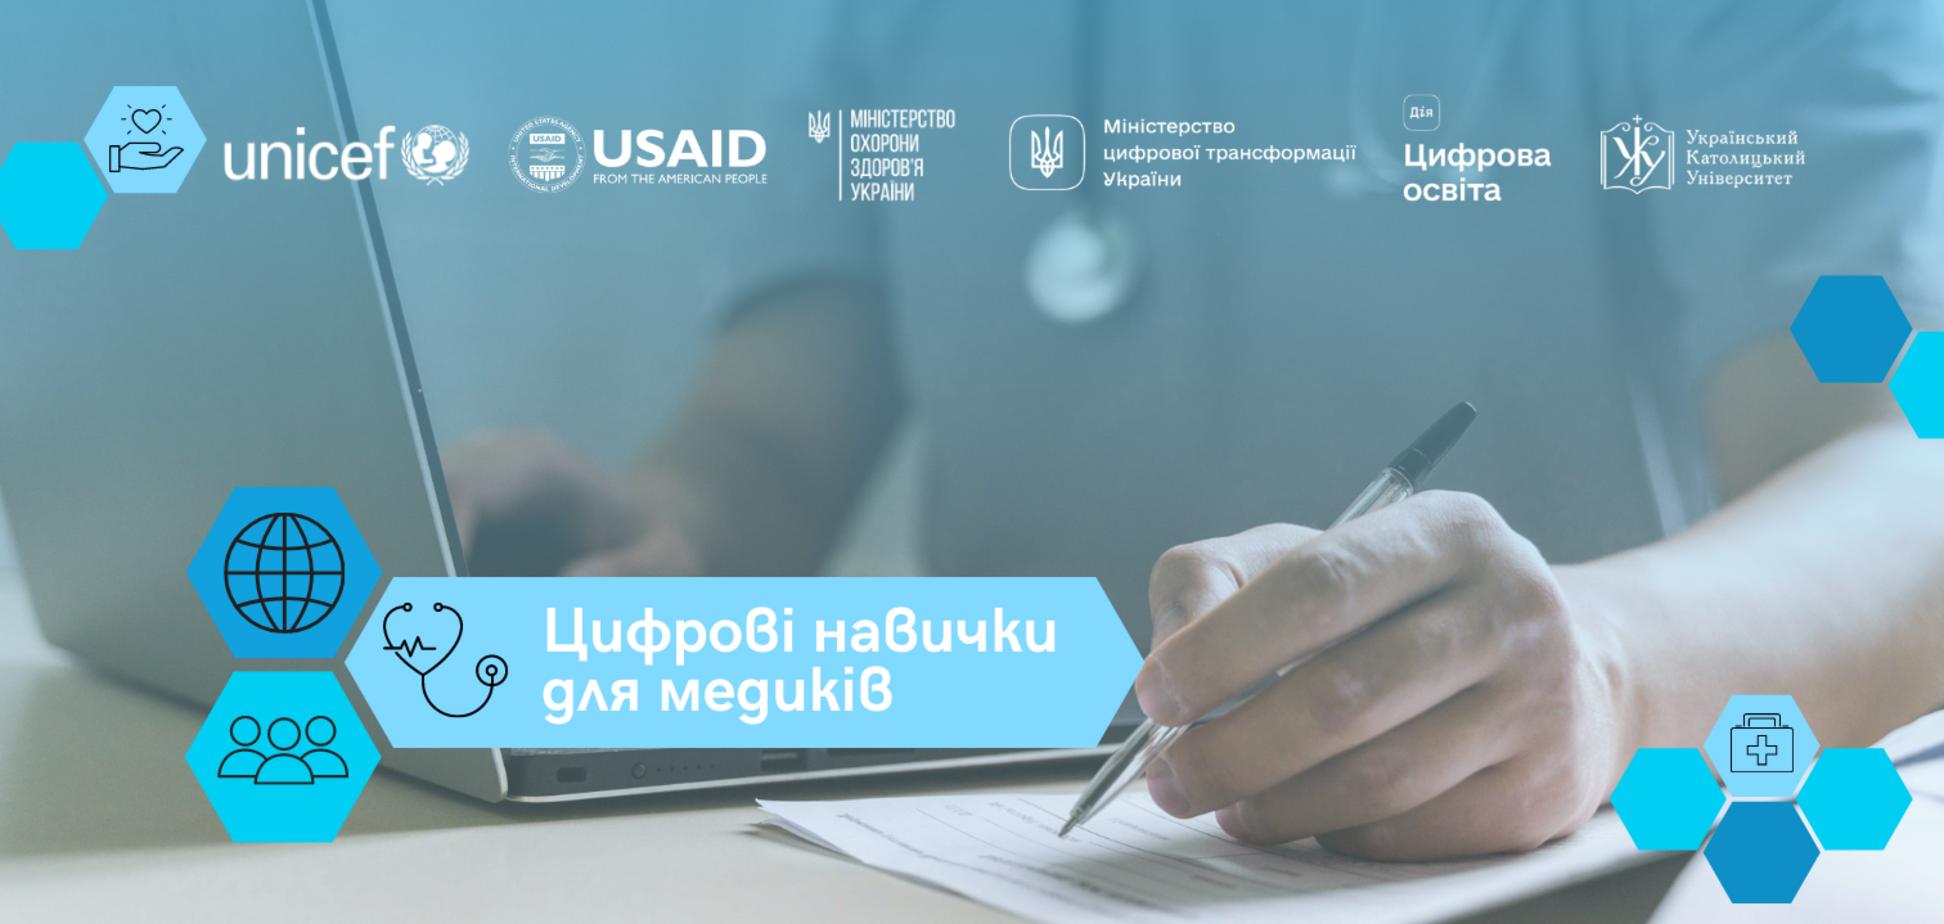 В Украине подготовили учебный курс 'Цифровые навыки для медиков'